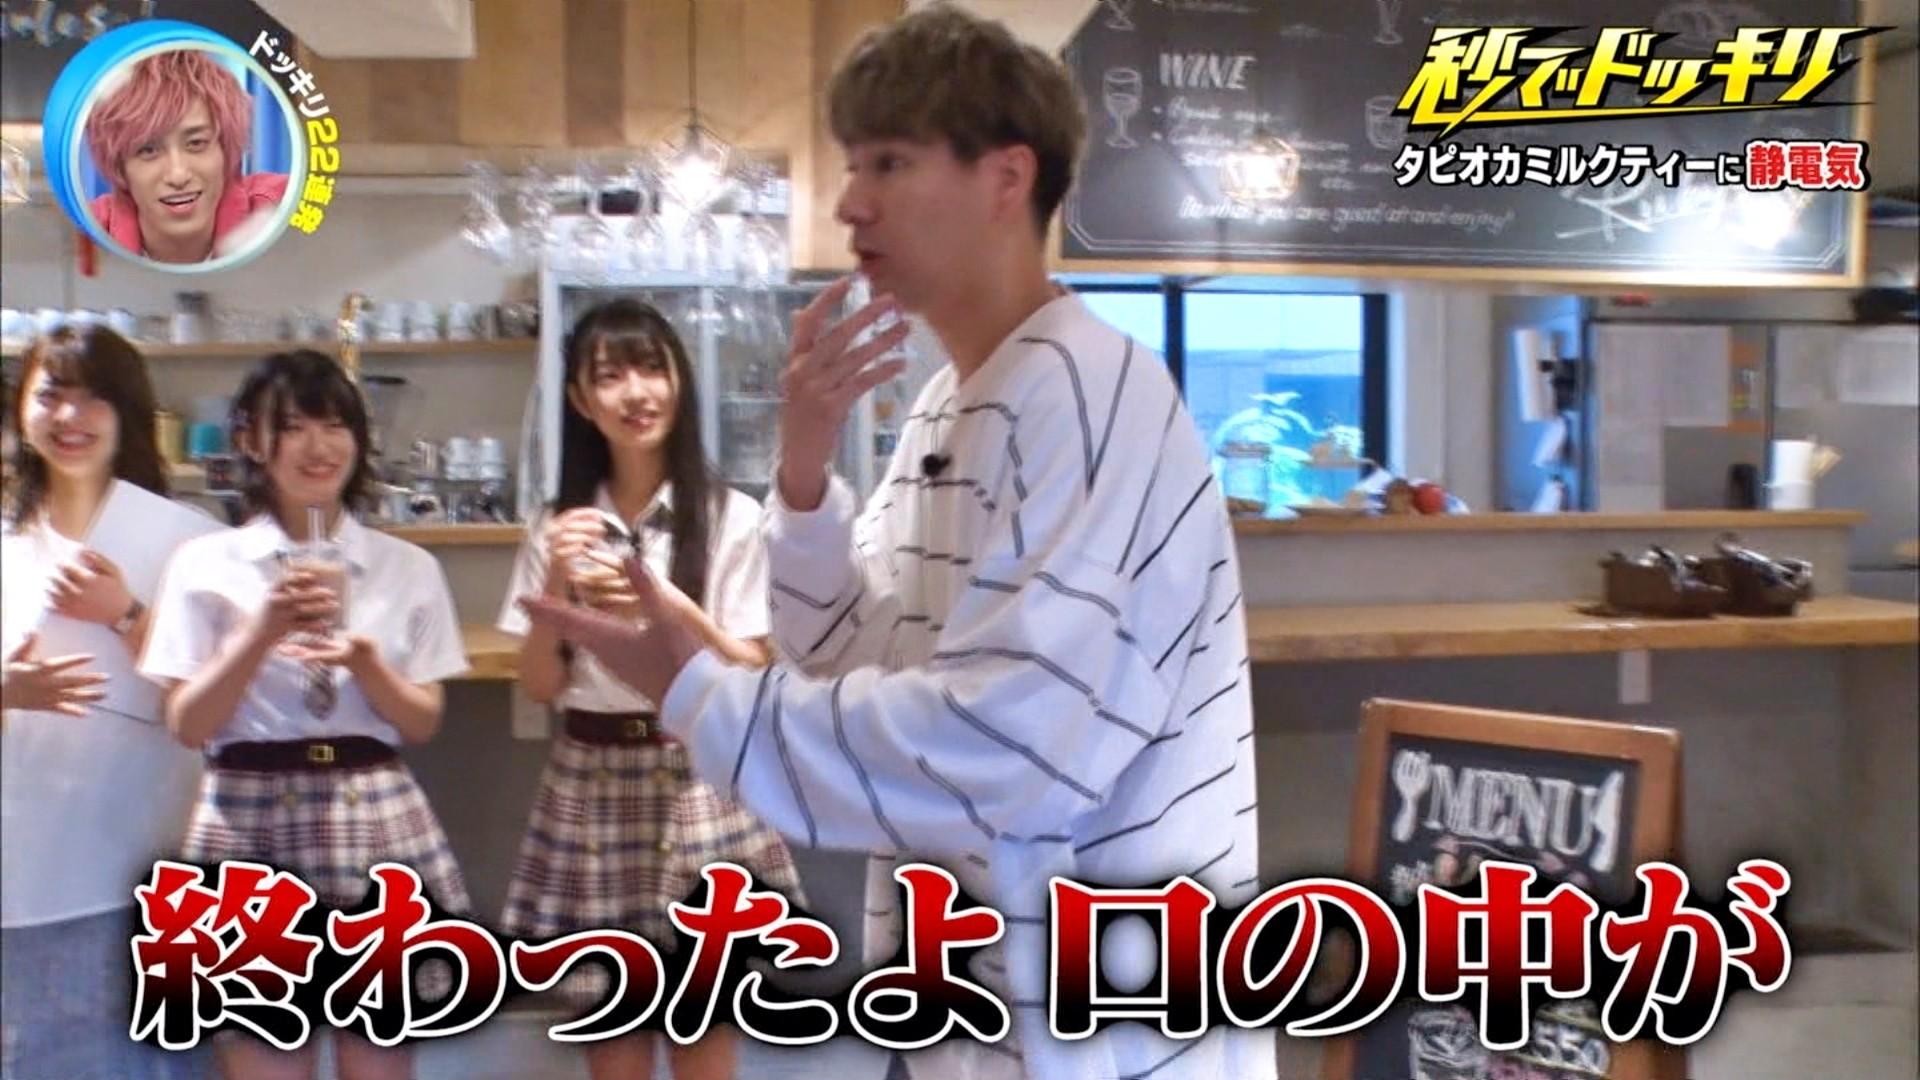 2019年11月30日にフジテレビ系列でほうそうされた「芸能人が本気で考えた!ドッキリGP」に出演したNMB48上西怜・大田莉央奈の画像-009